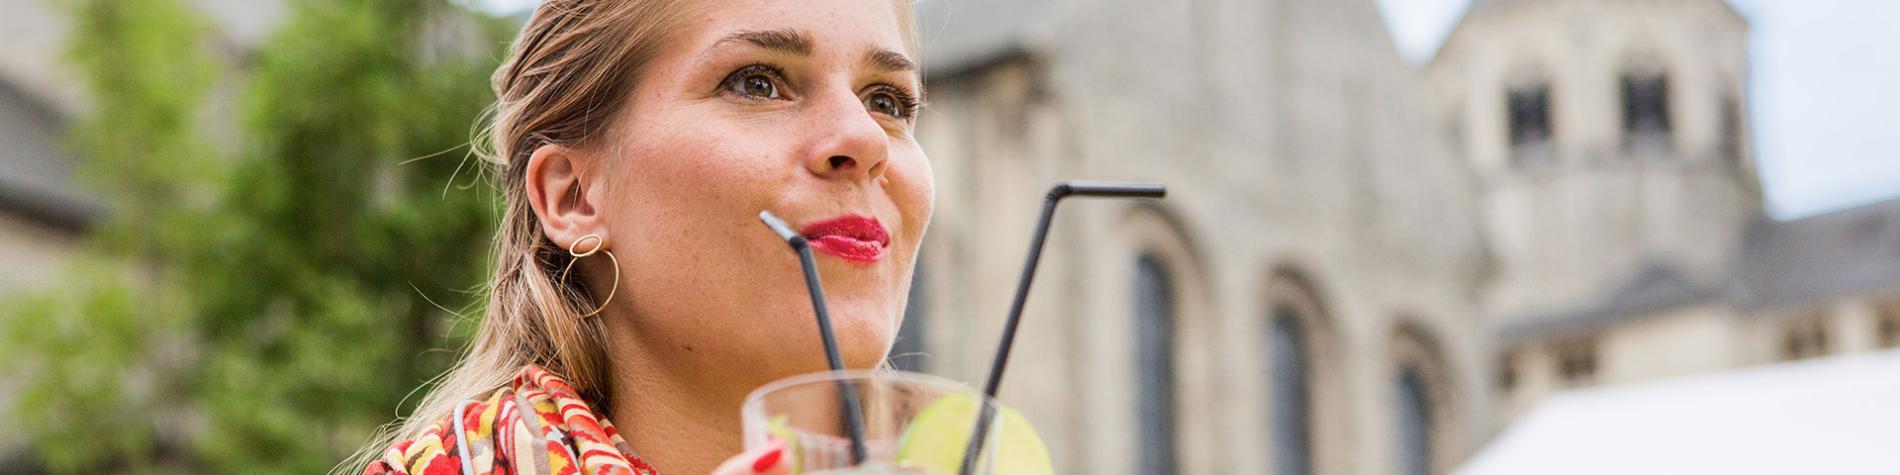 Nivelles - boire un verre - mojito